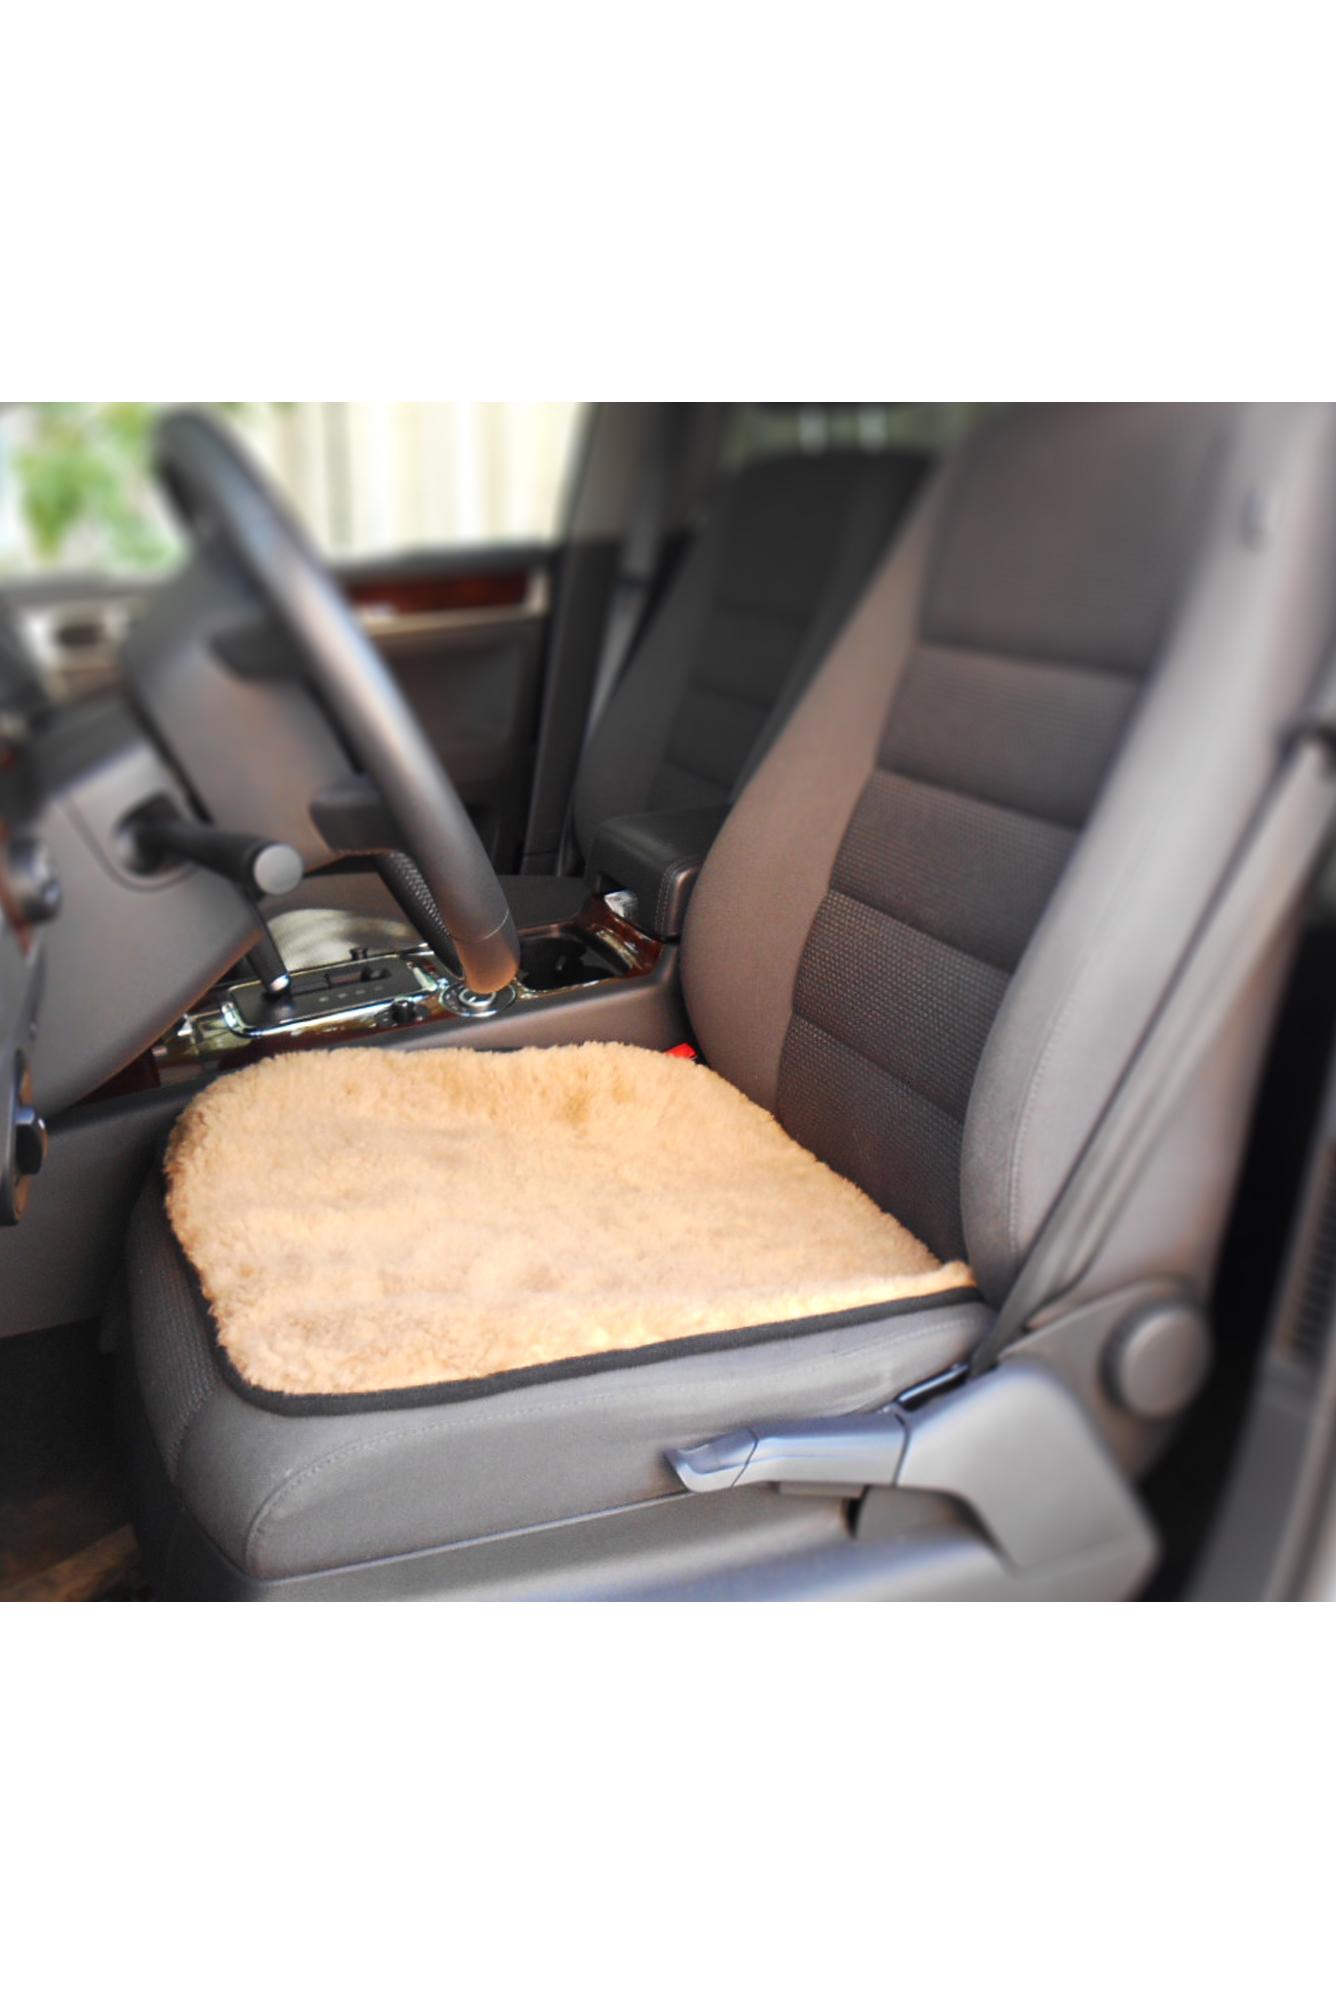 Накидка на сиденье автоАвтоаксессуары<br>Накидка на сидение автомобиля. Изготовлена из натуральной овечьей шерсти. Прекрасно согревает и сохраняет тепло. Подклад: флис.  Размер: 50х50 см.  В изделии использованы цвета: бежевый<br><br>Размер : 50*50<br>Материал: Овчина<br>Количество в наличии: 1